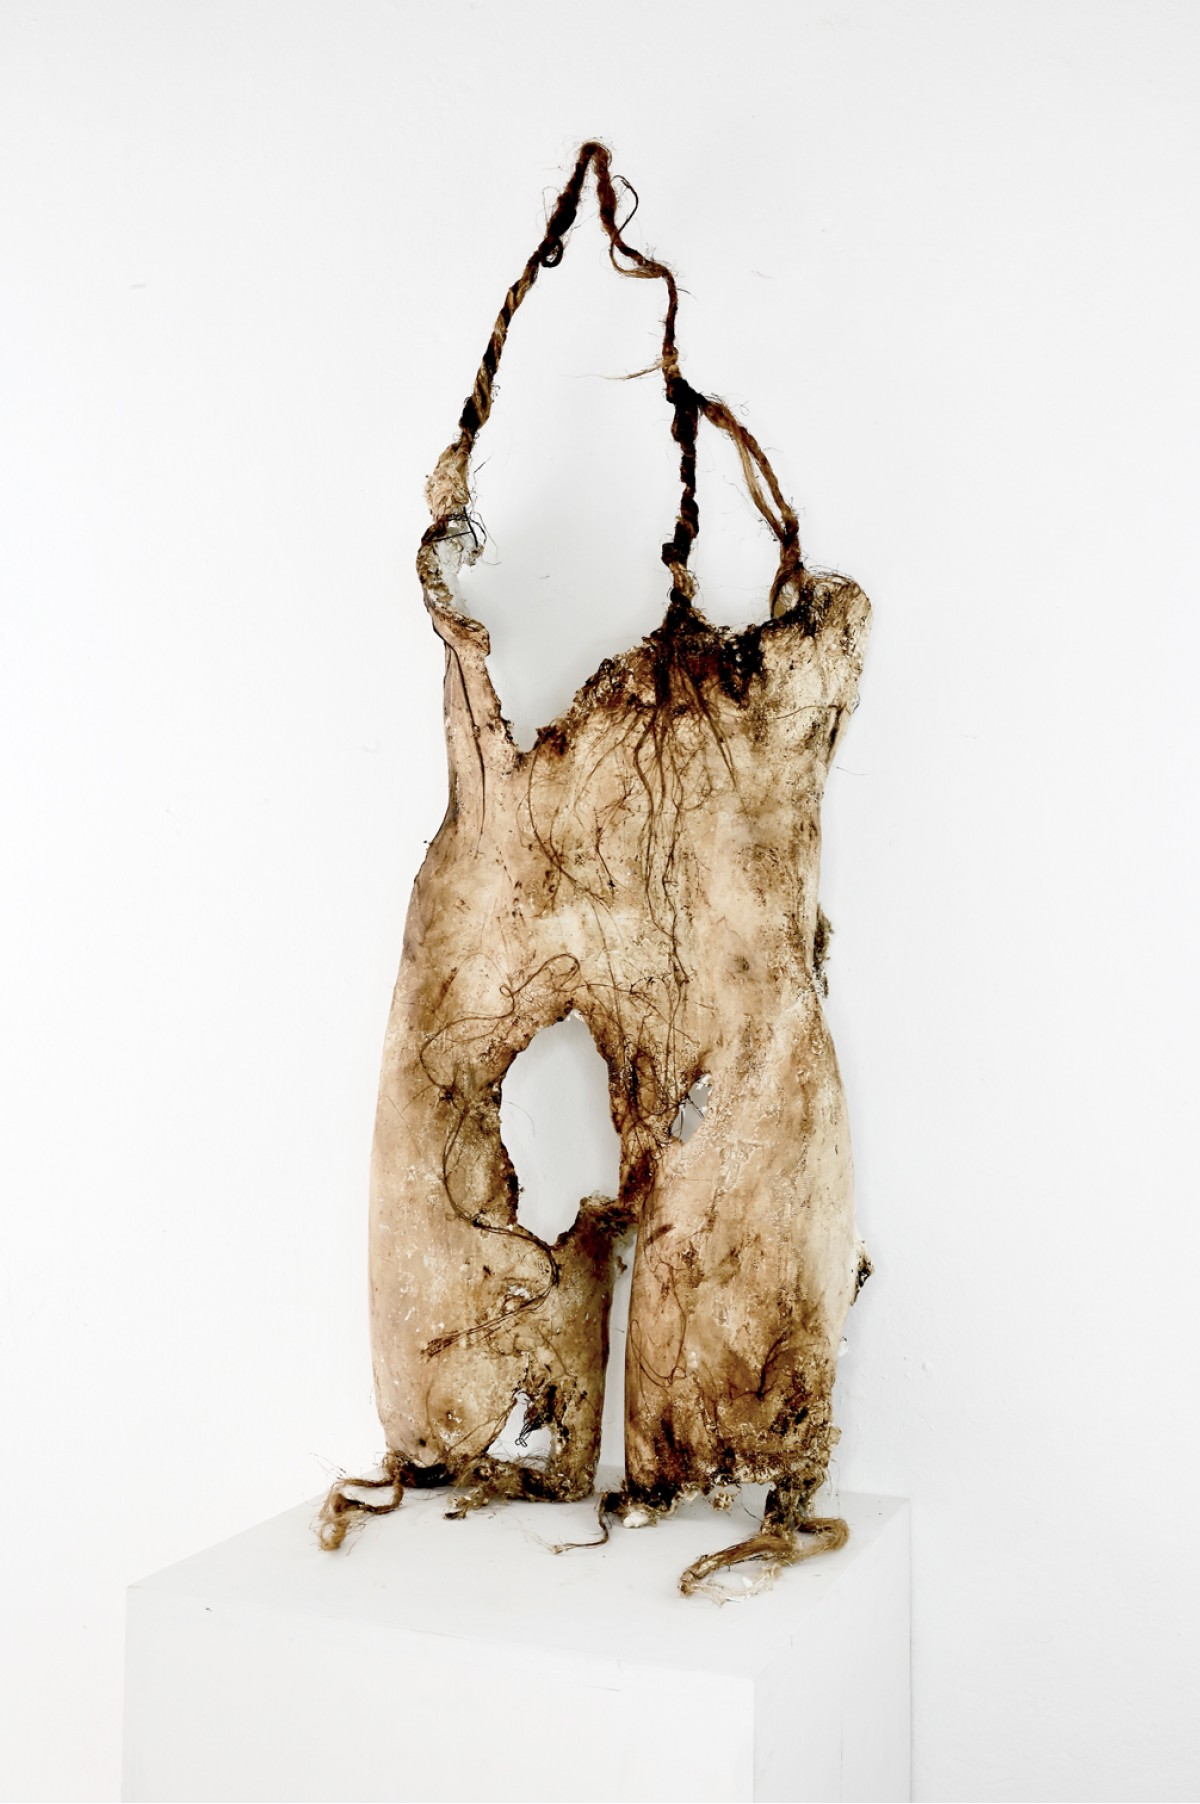 Lungo i margini del corpo. Tiziana Cera Rosco tra arte e poesia